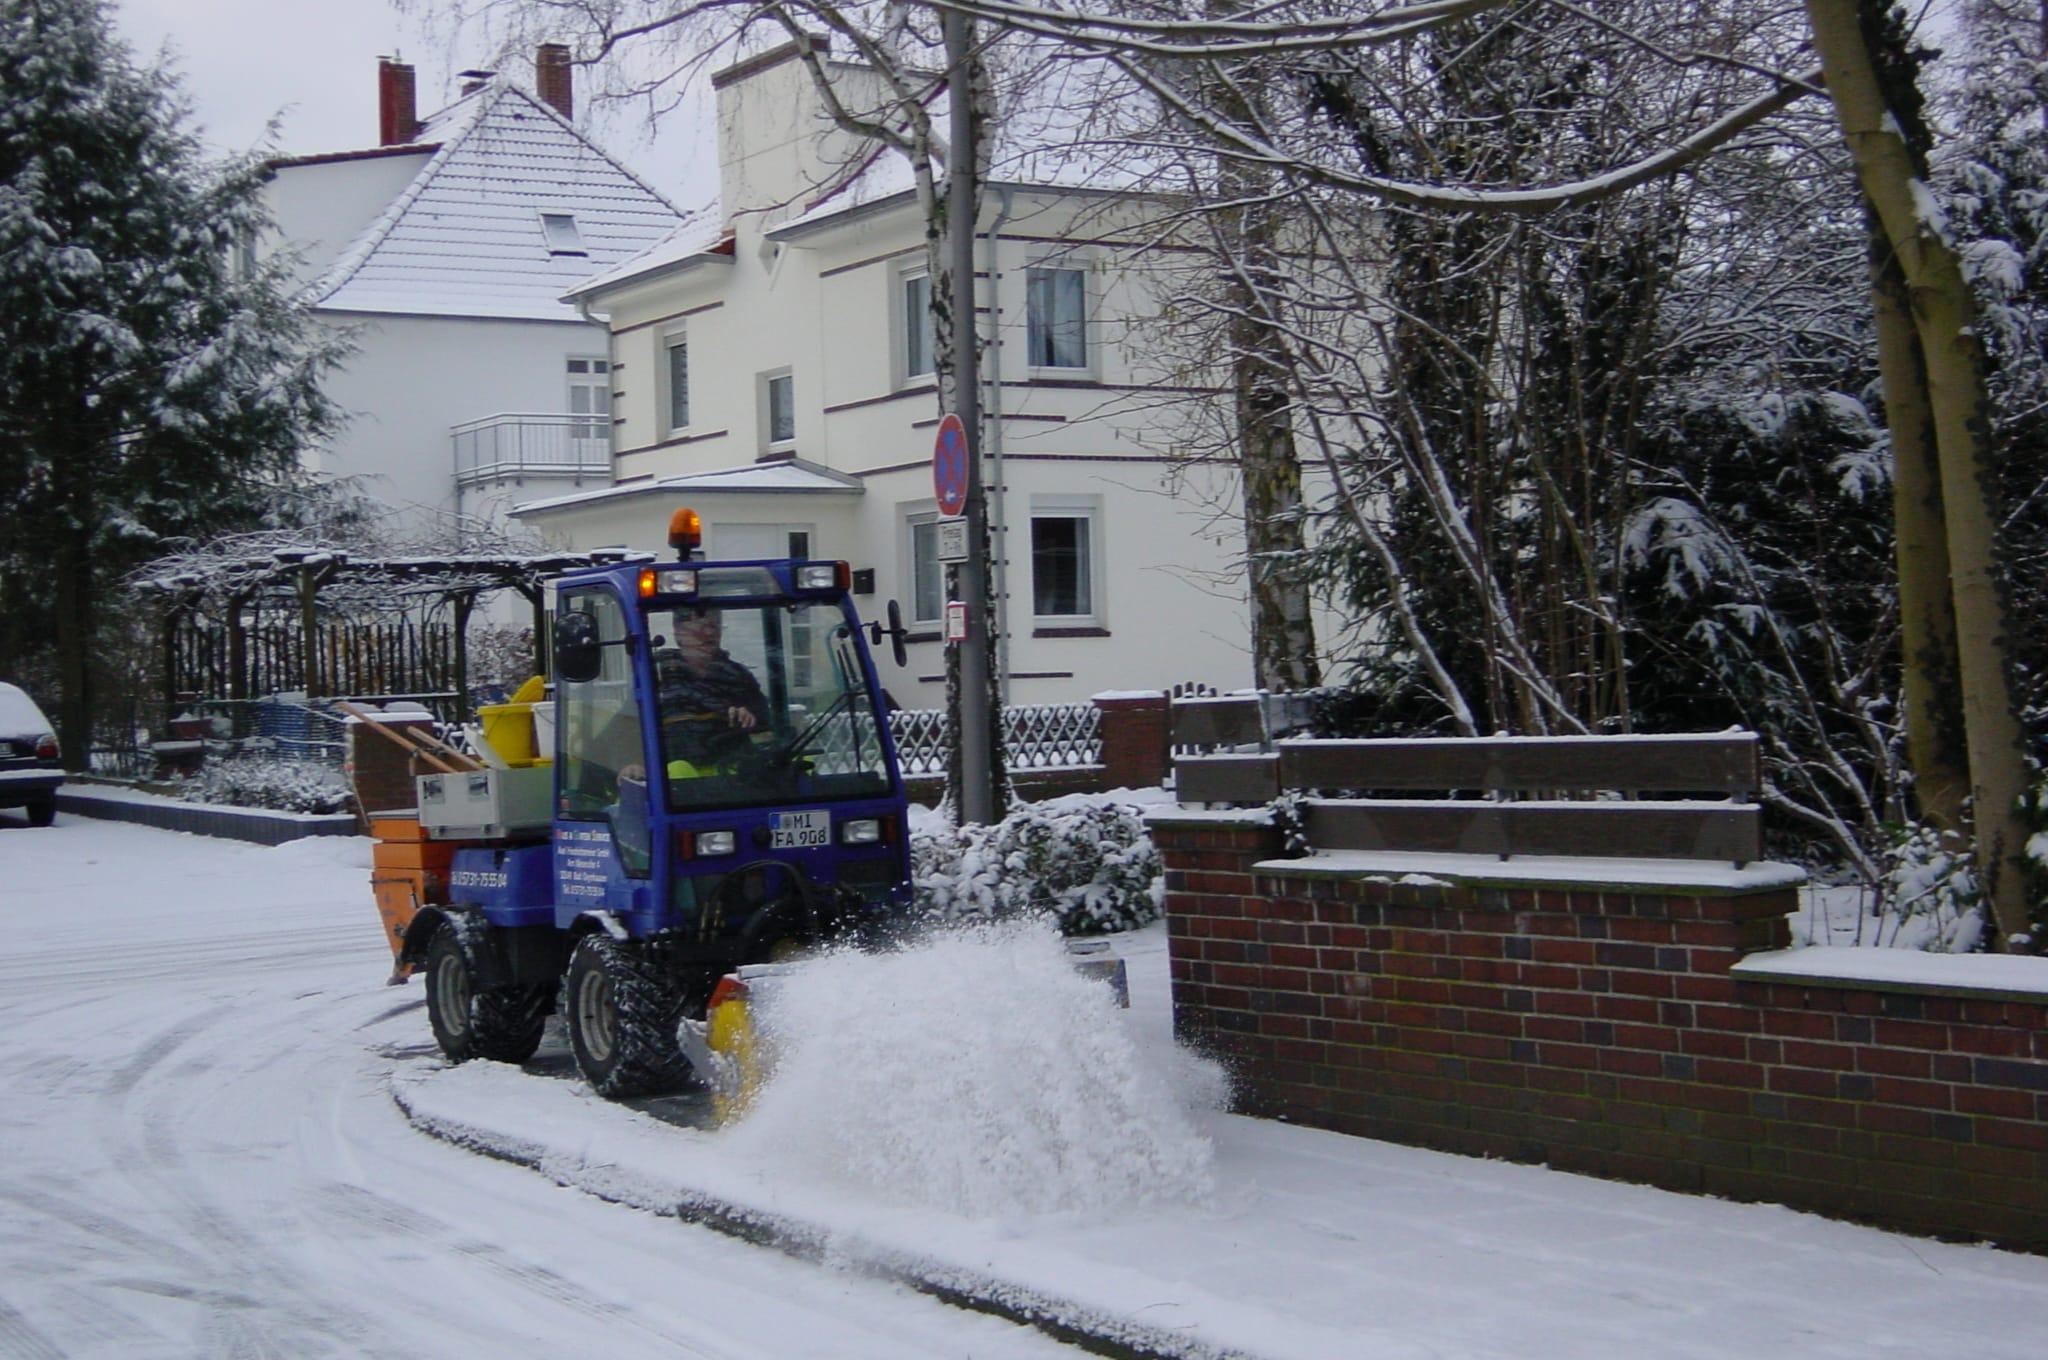 Winterdienst auf Gehwegen Bad Oeynhausen